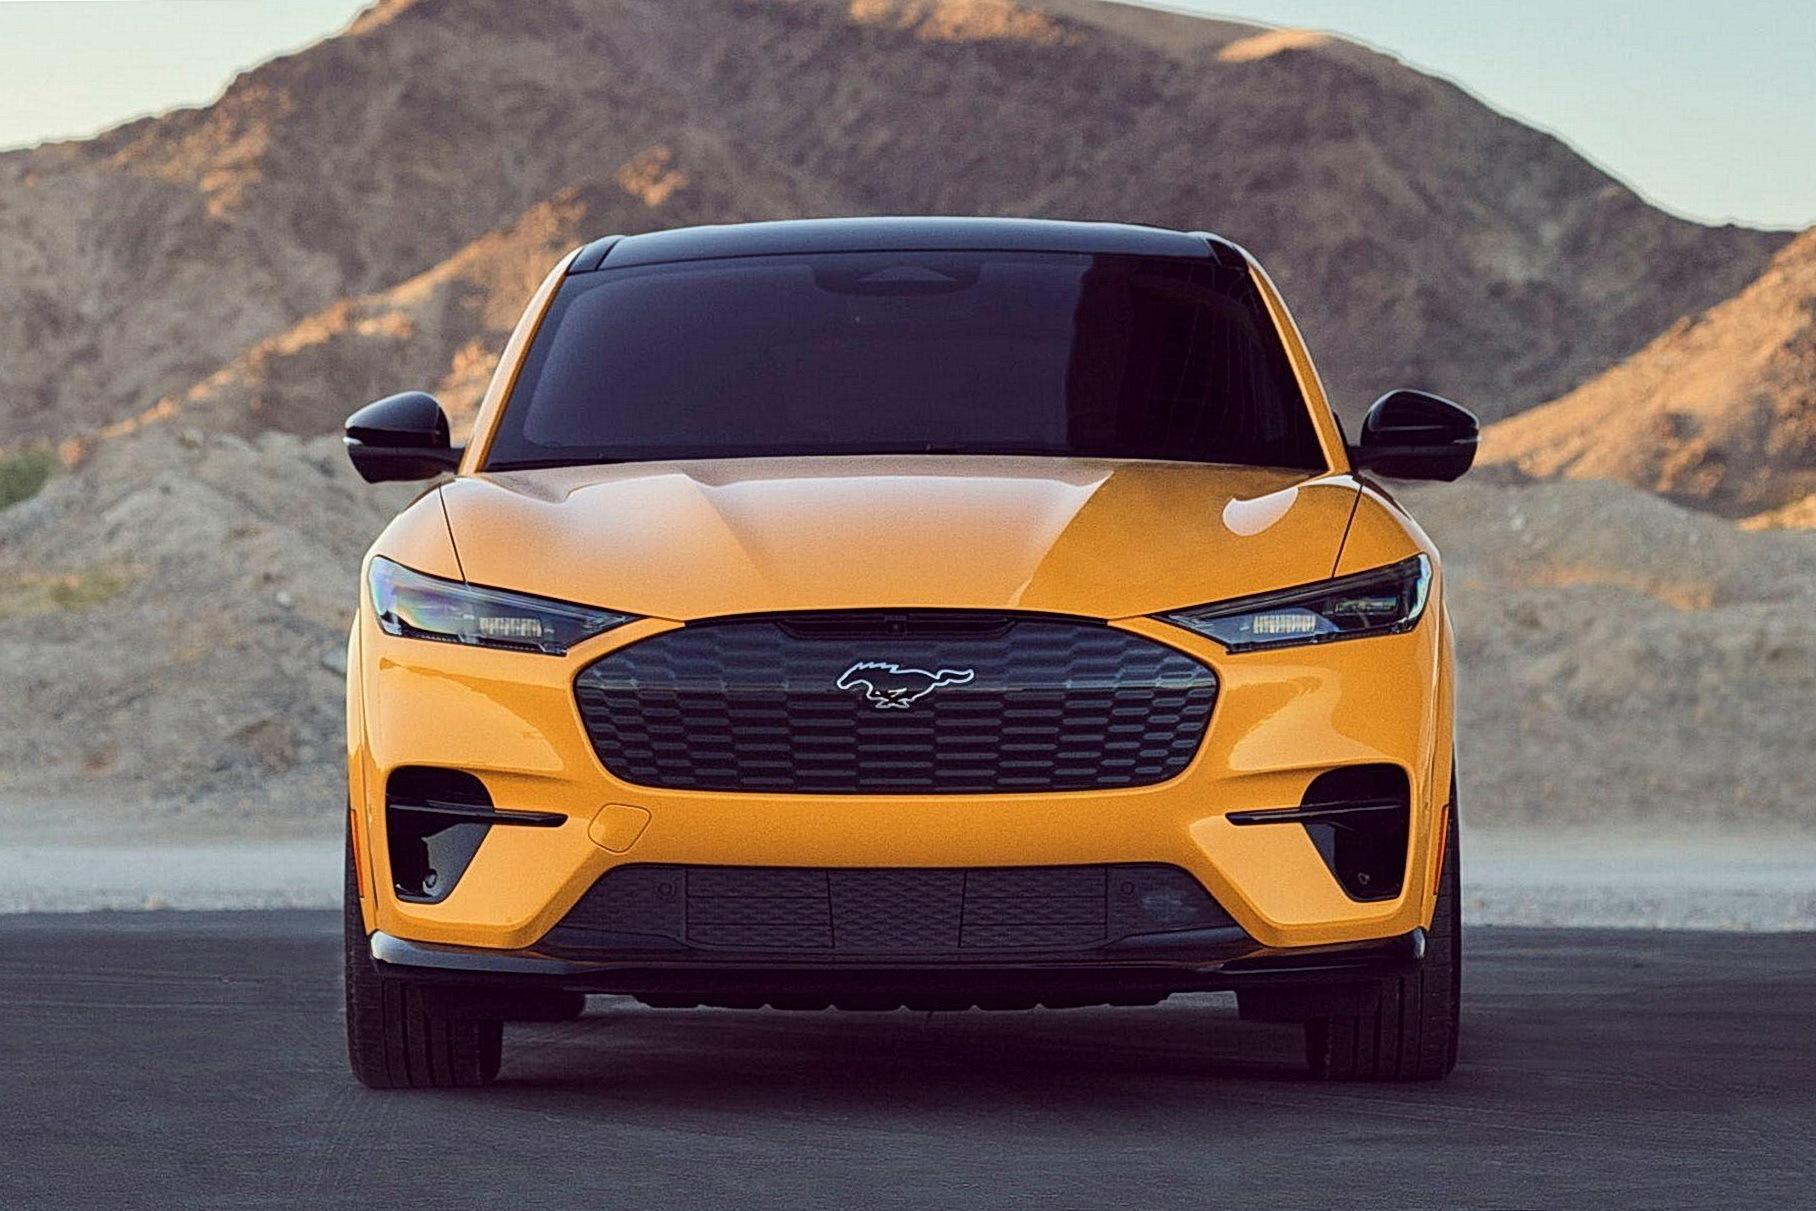 Ford рассказал, почему имя Mustang дали электрическому кроссоверу